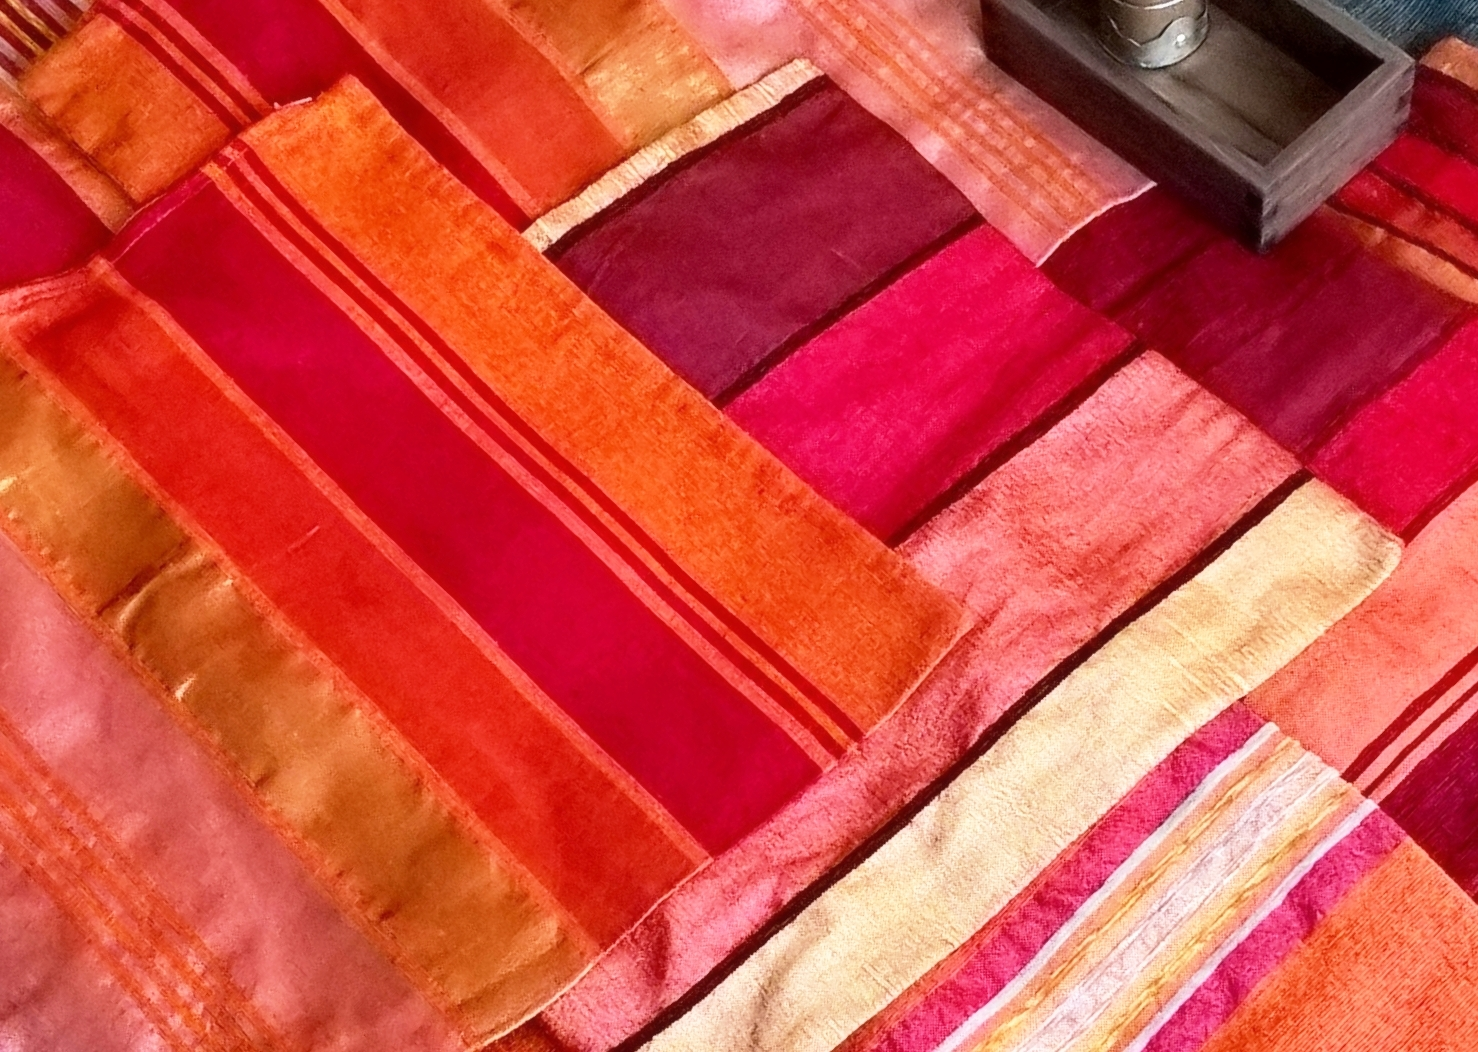 Puder og tekstiler     Kelimpuder, silkepuder, kelimtasker, marokkanske sengetæpper og små tasker i marokkanske tekstiler